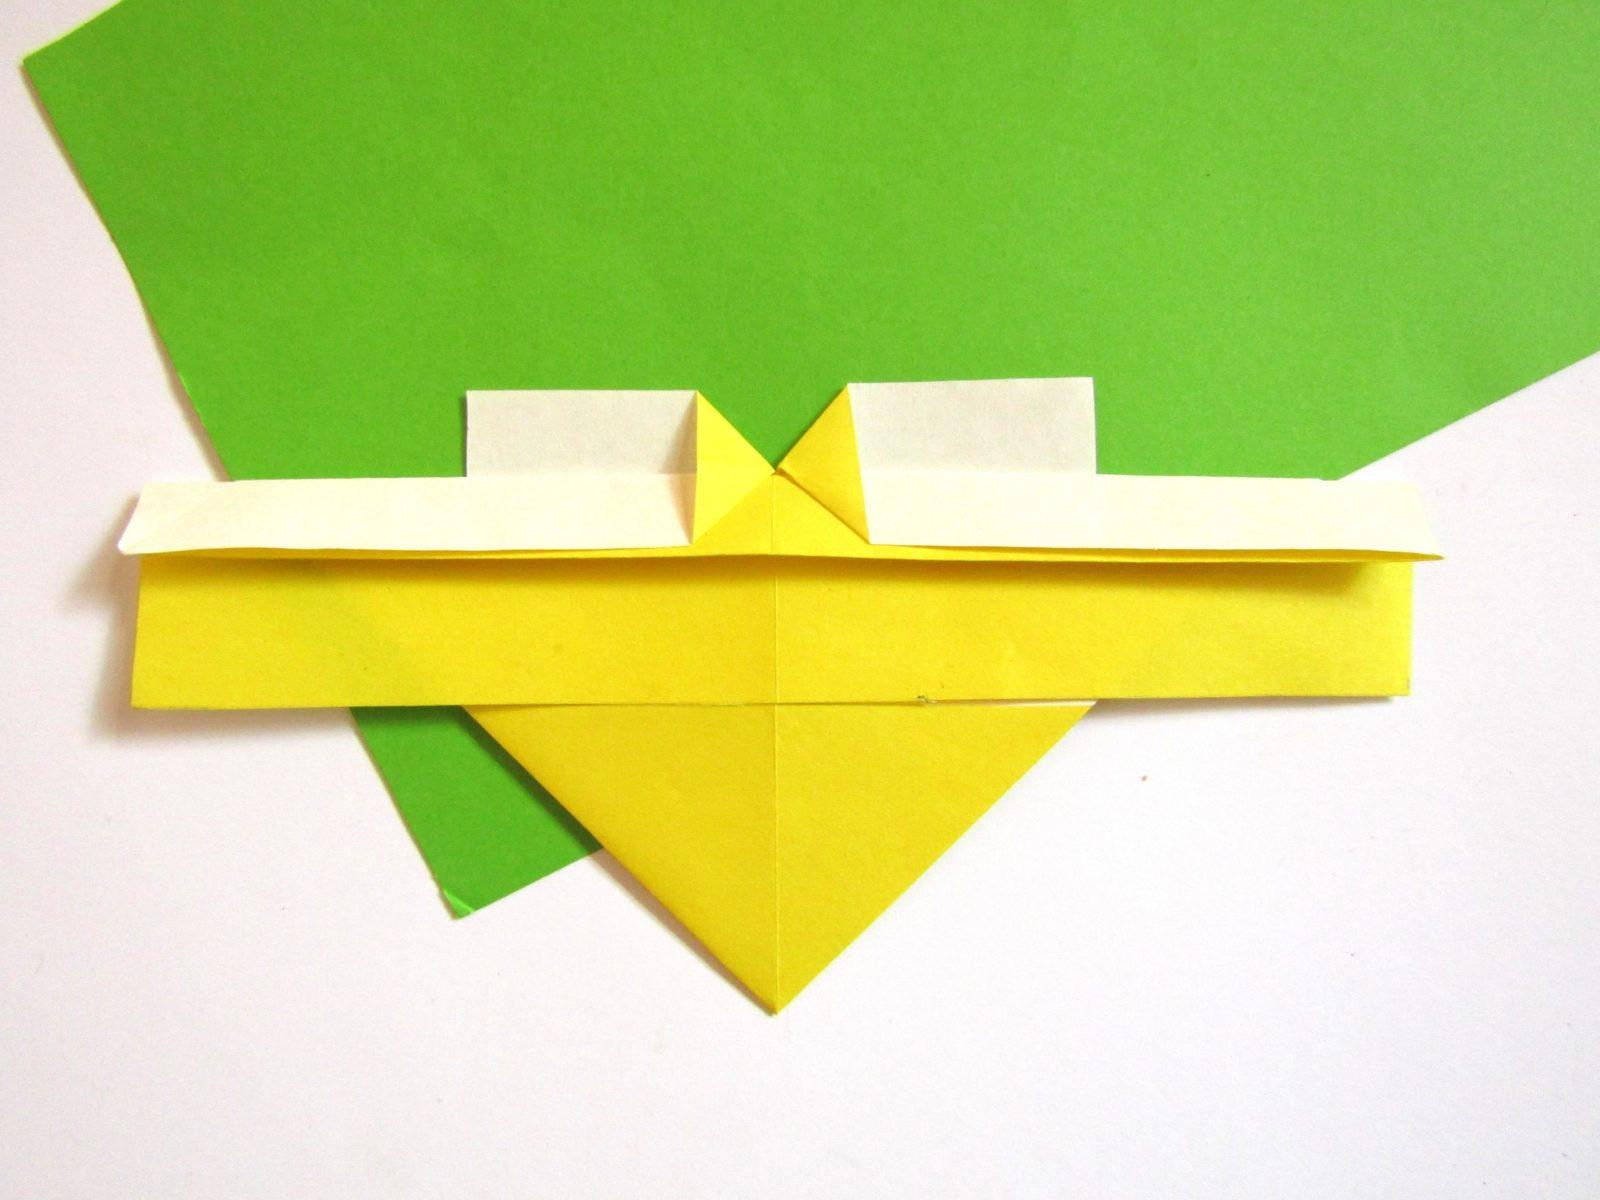 Оригами сердце с крыльями из бумаги - 9